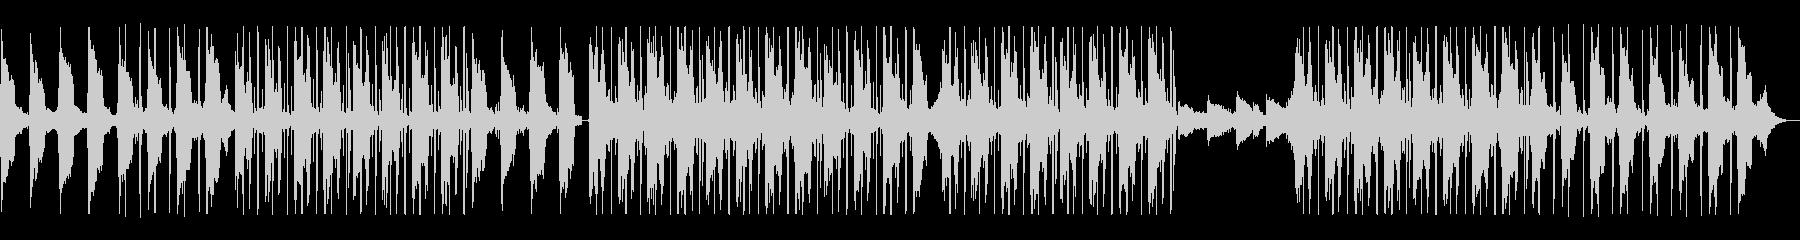 夢の中、波の音、メロウHIPHOPビートの未再生の波形